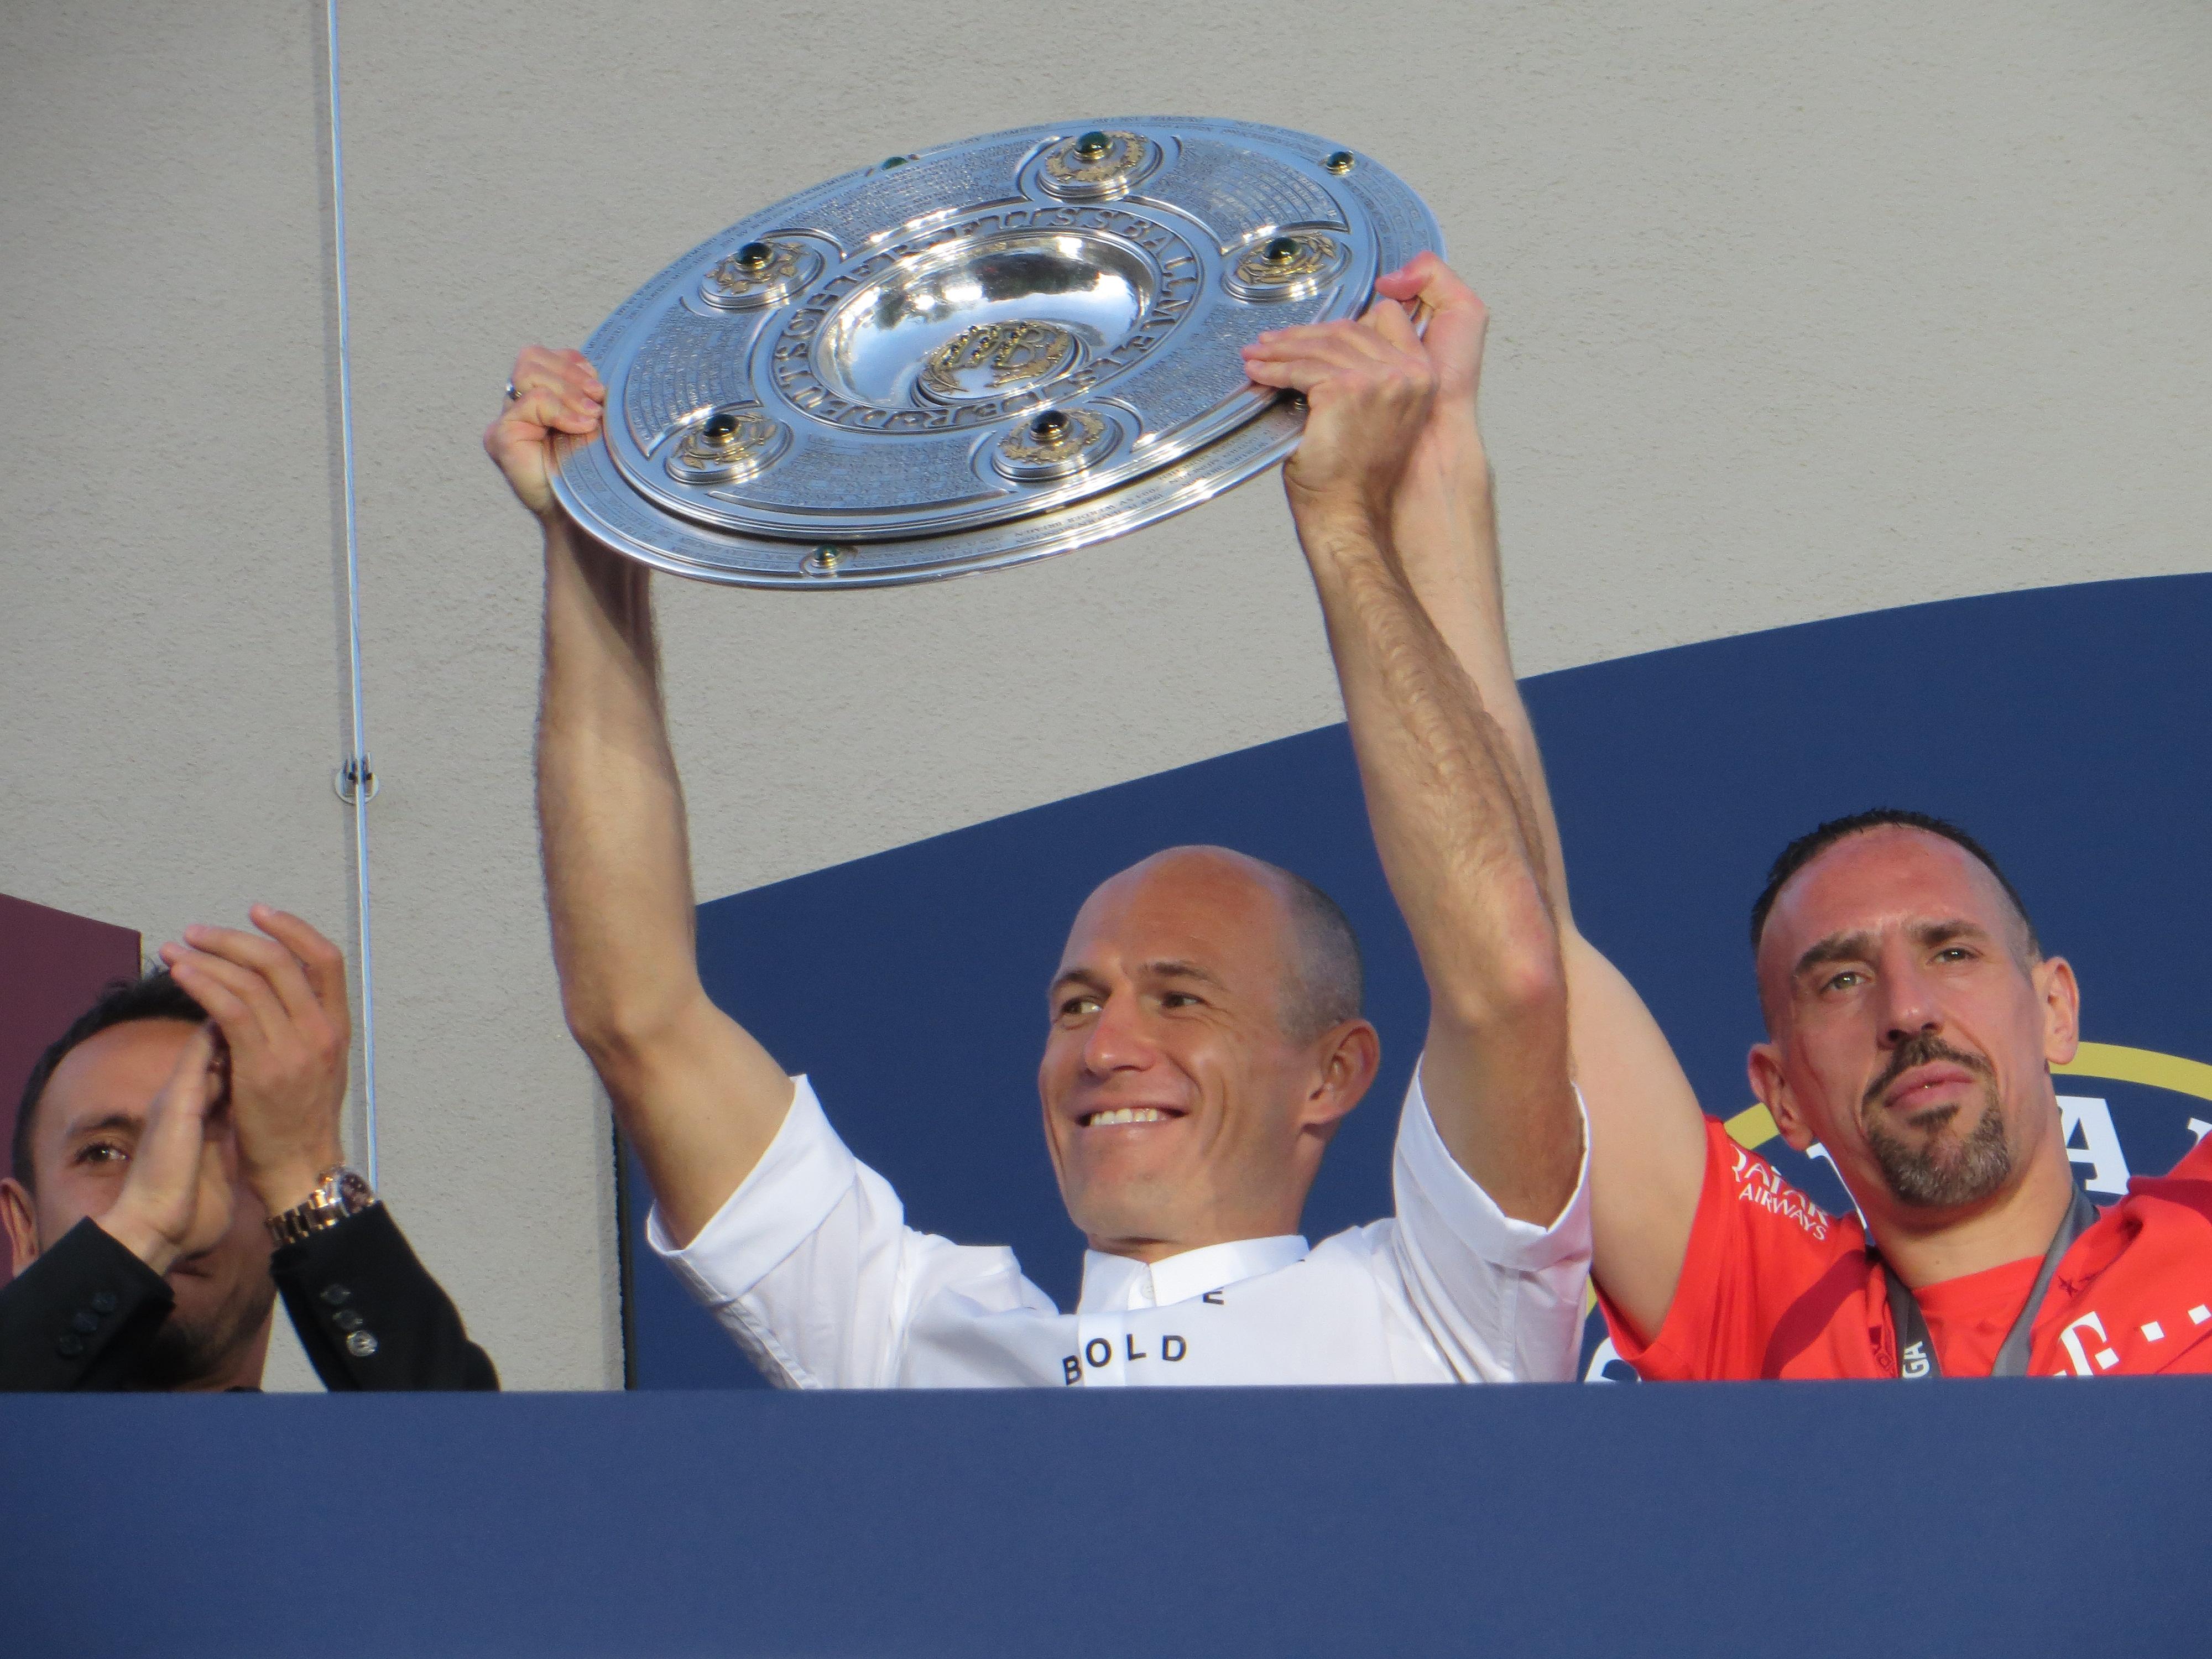 DEUTSCHER FUSSBALLMEISTER FCB!